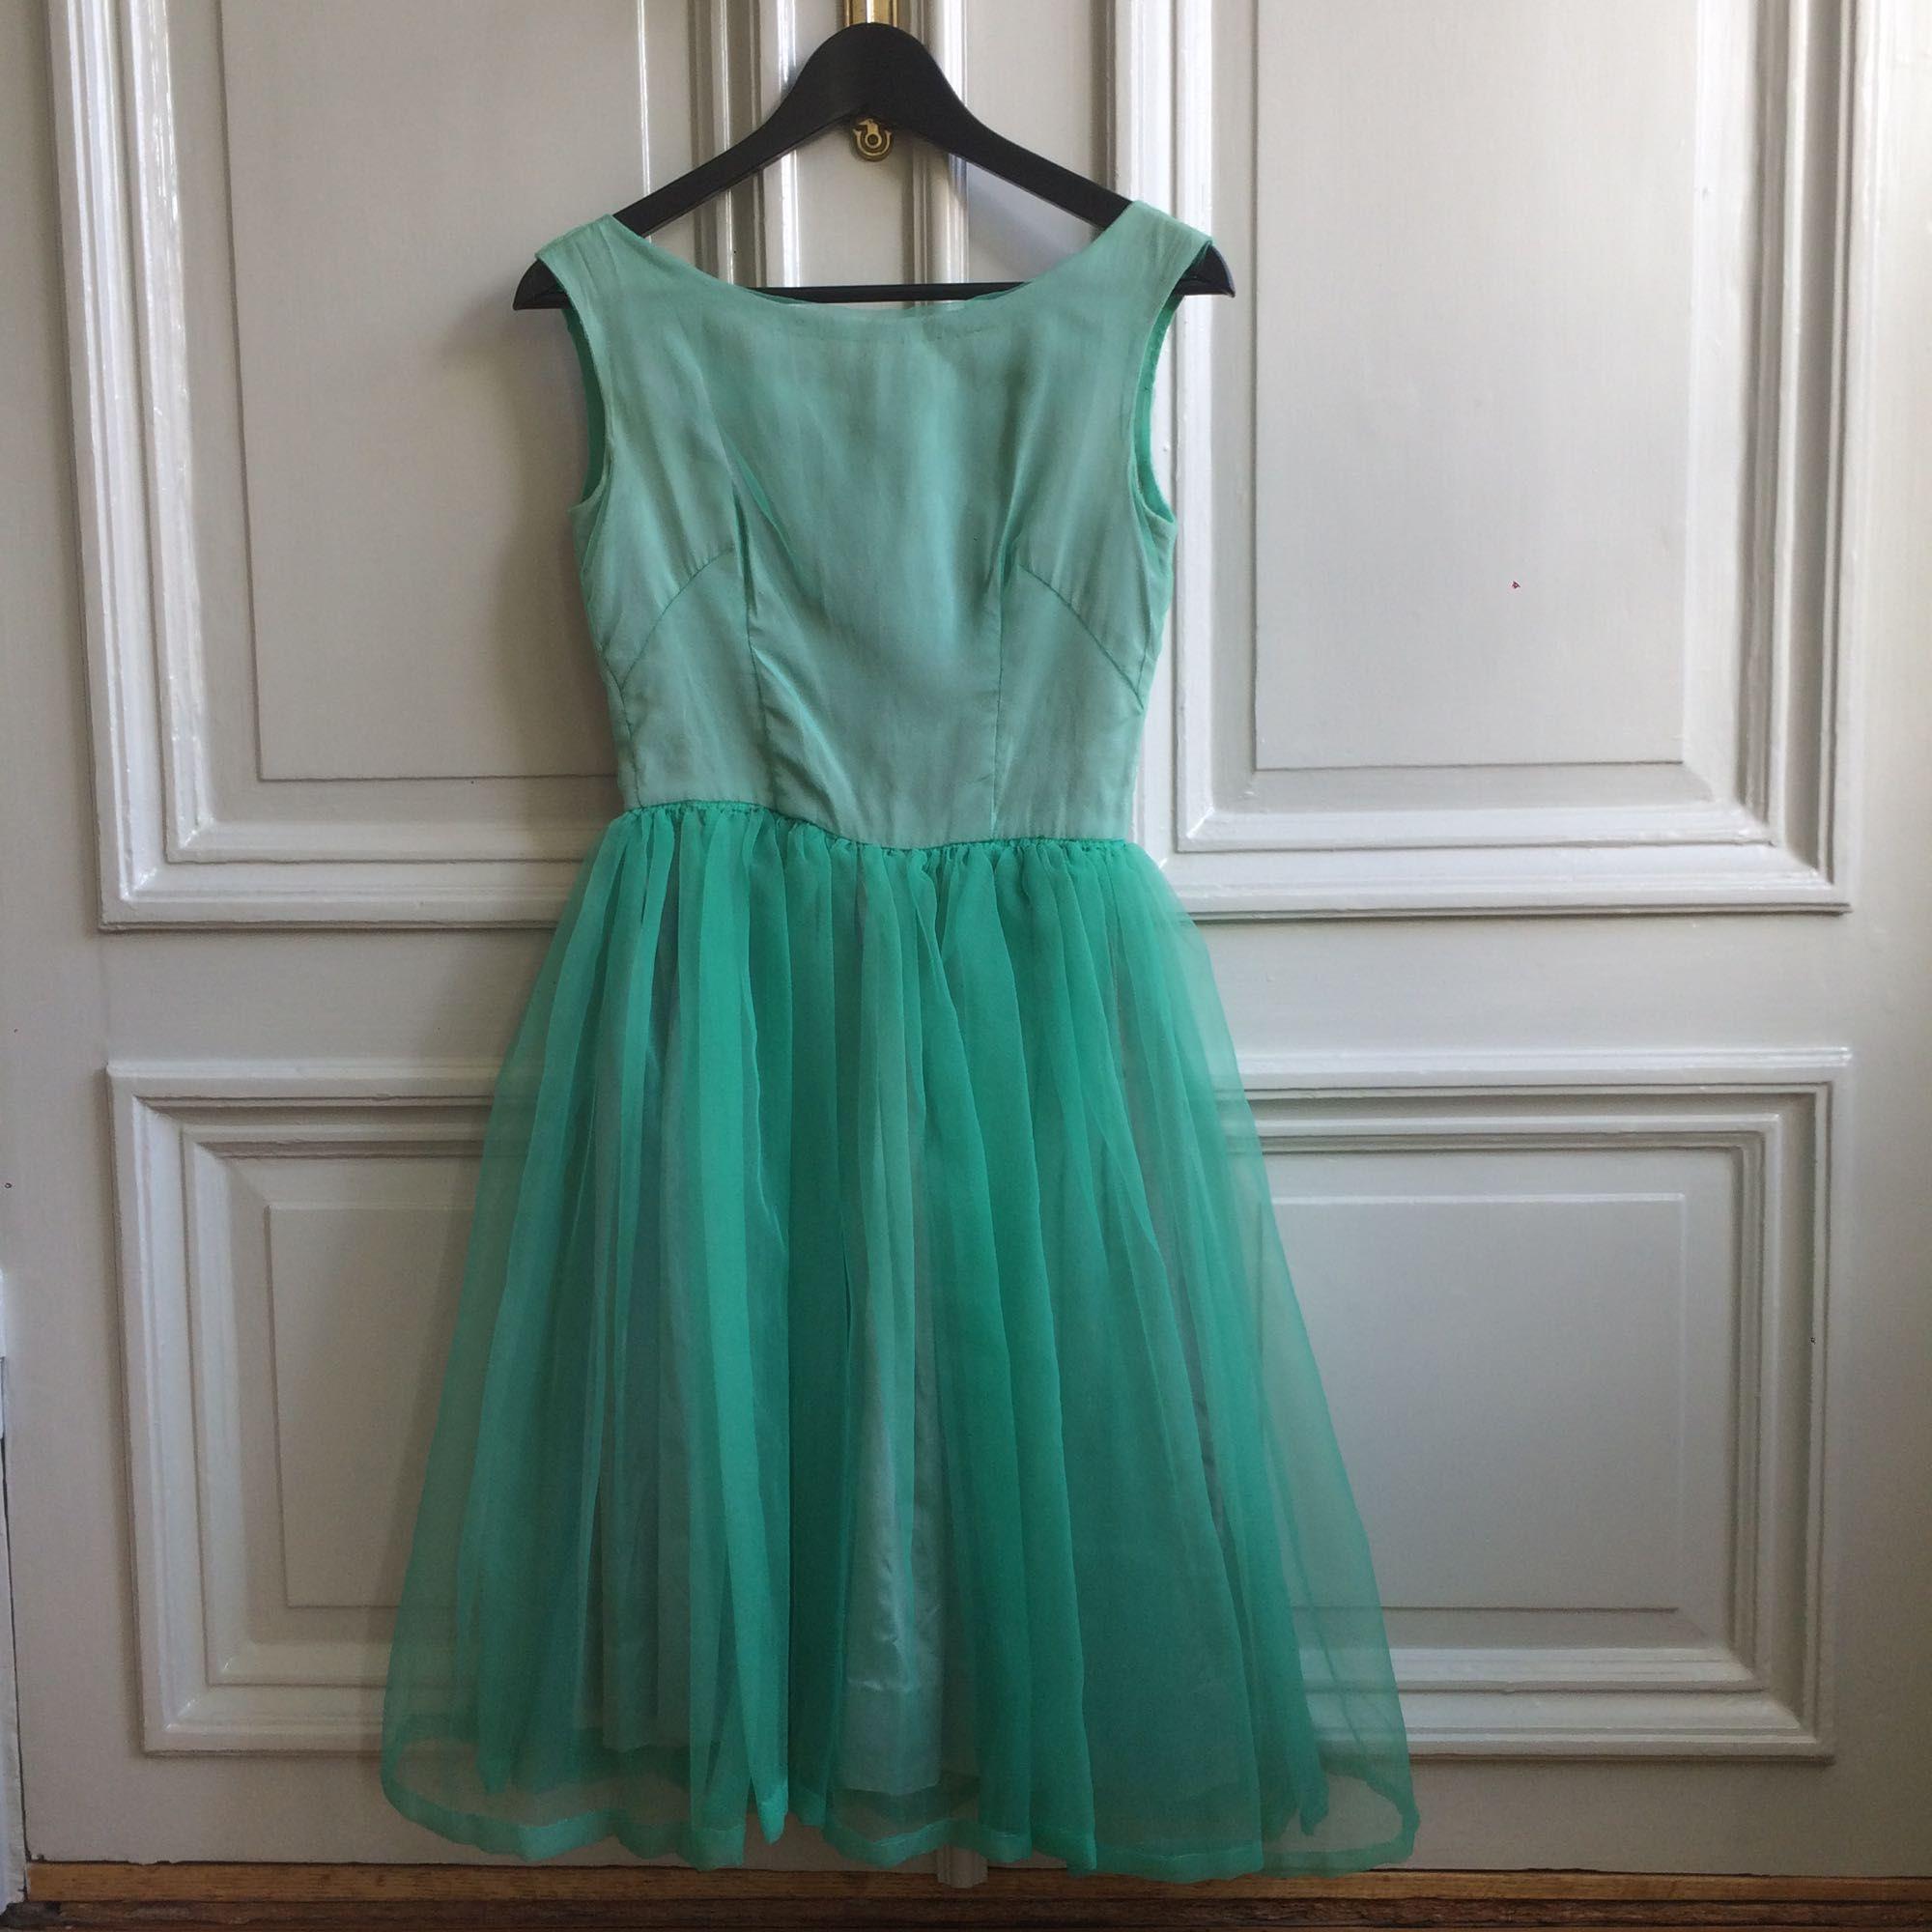 Handsydd festklänning cocktailklänning i tyll och siden eller sidenlikt  material. f8f4704906240